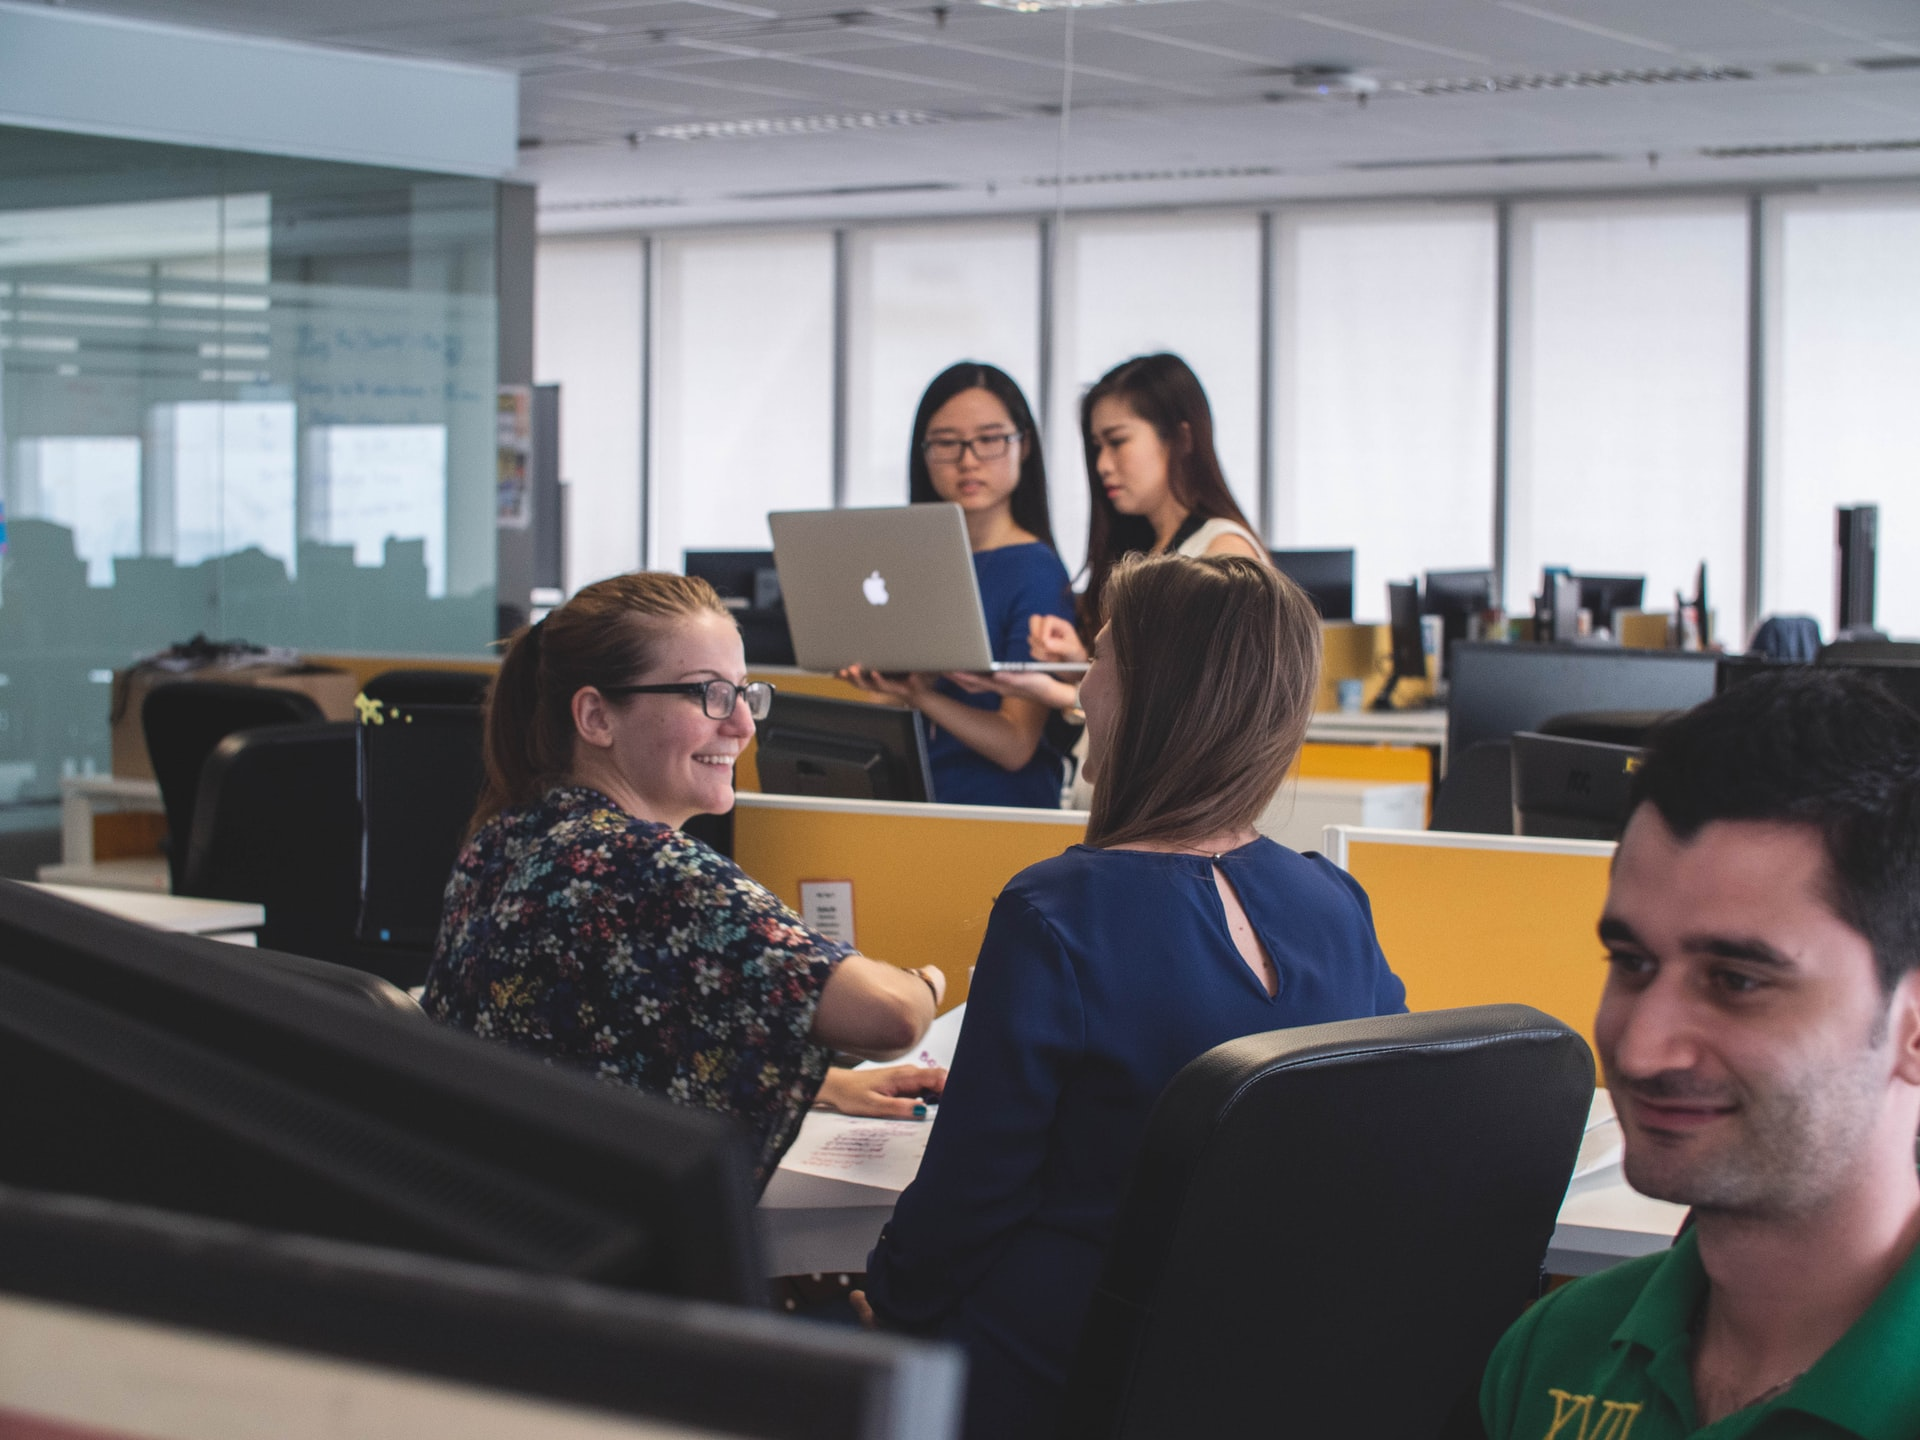 People inside an office.